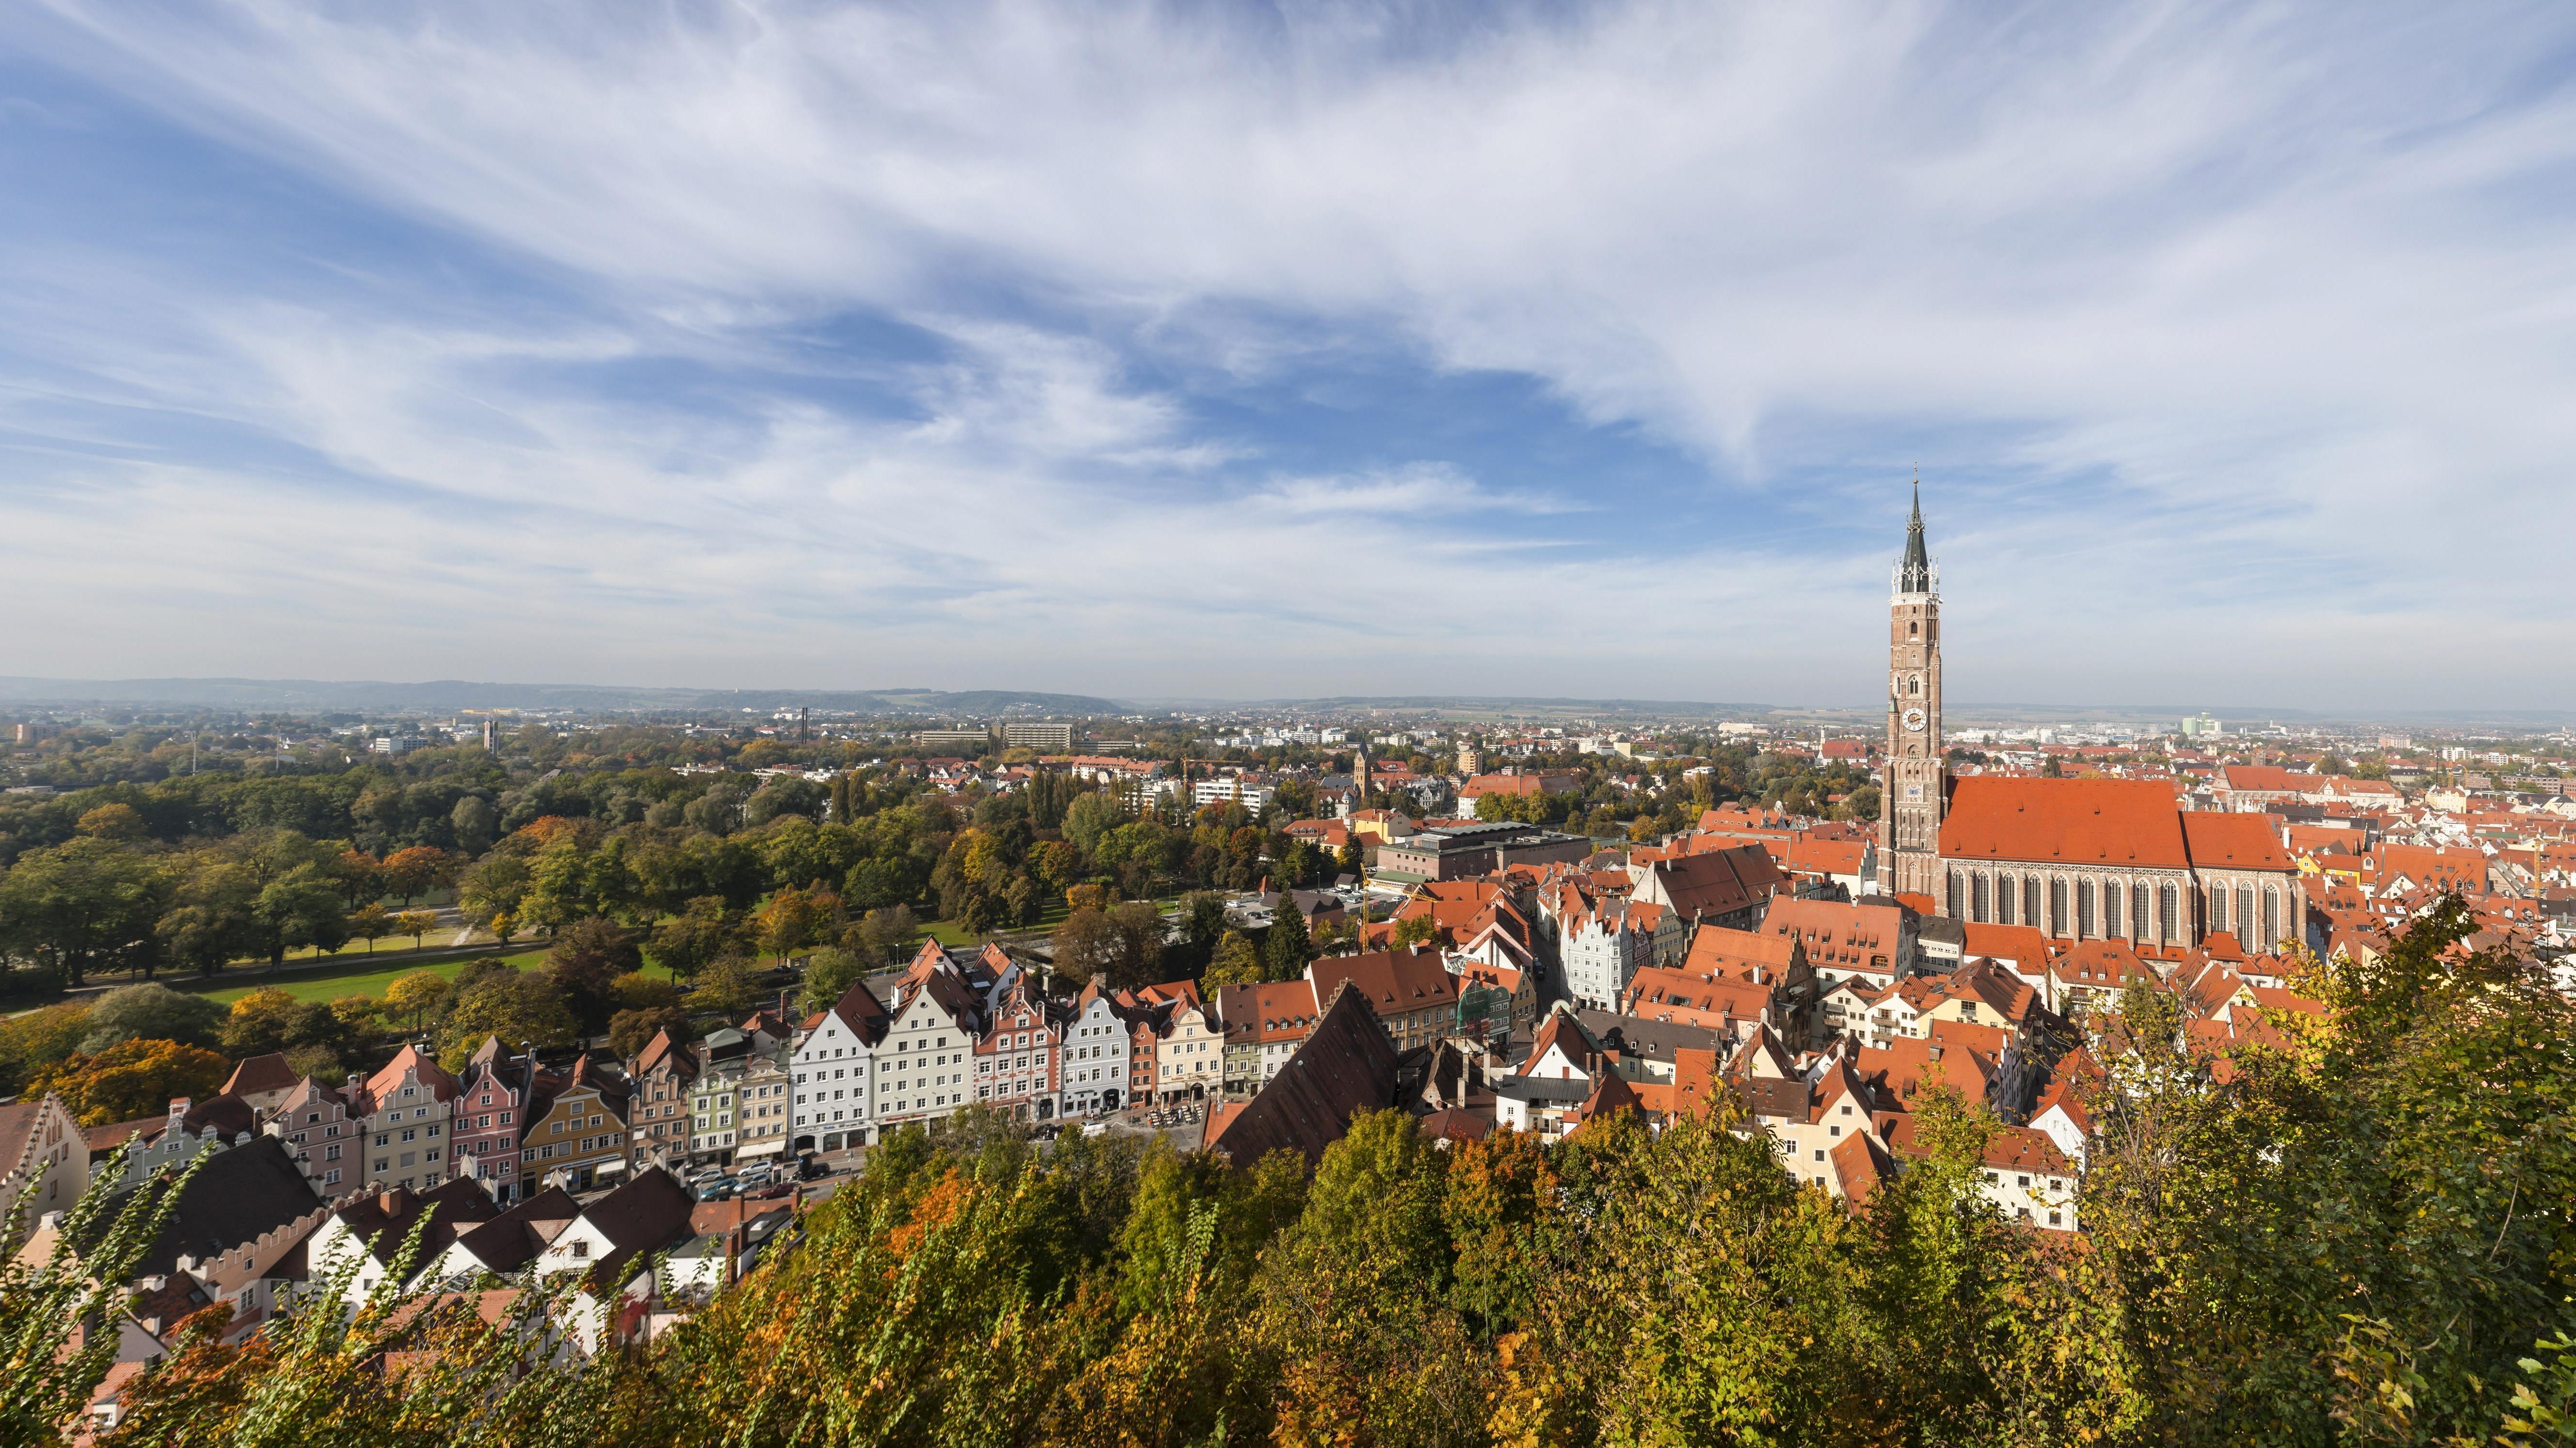 Blick von der Burg Trausnitz auf die Altstadt der Stadt Landshut